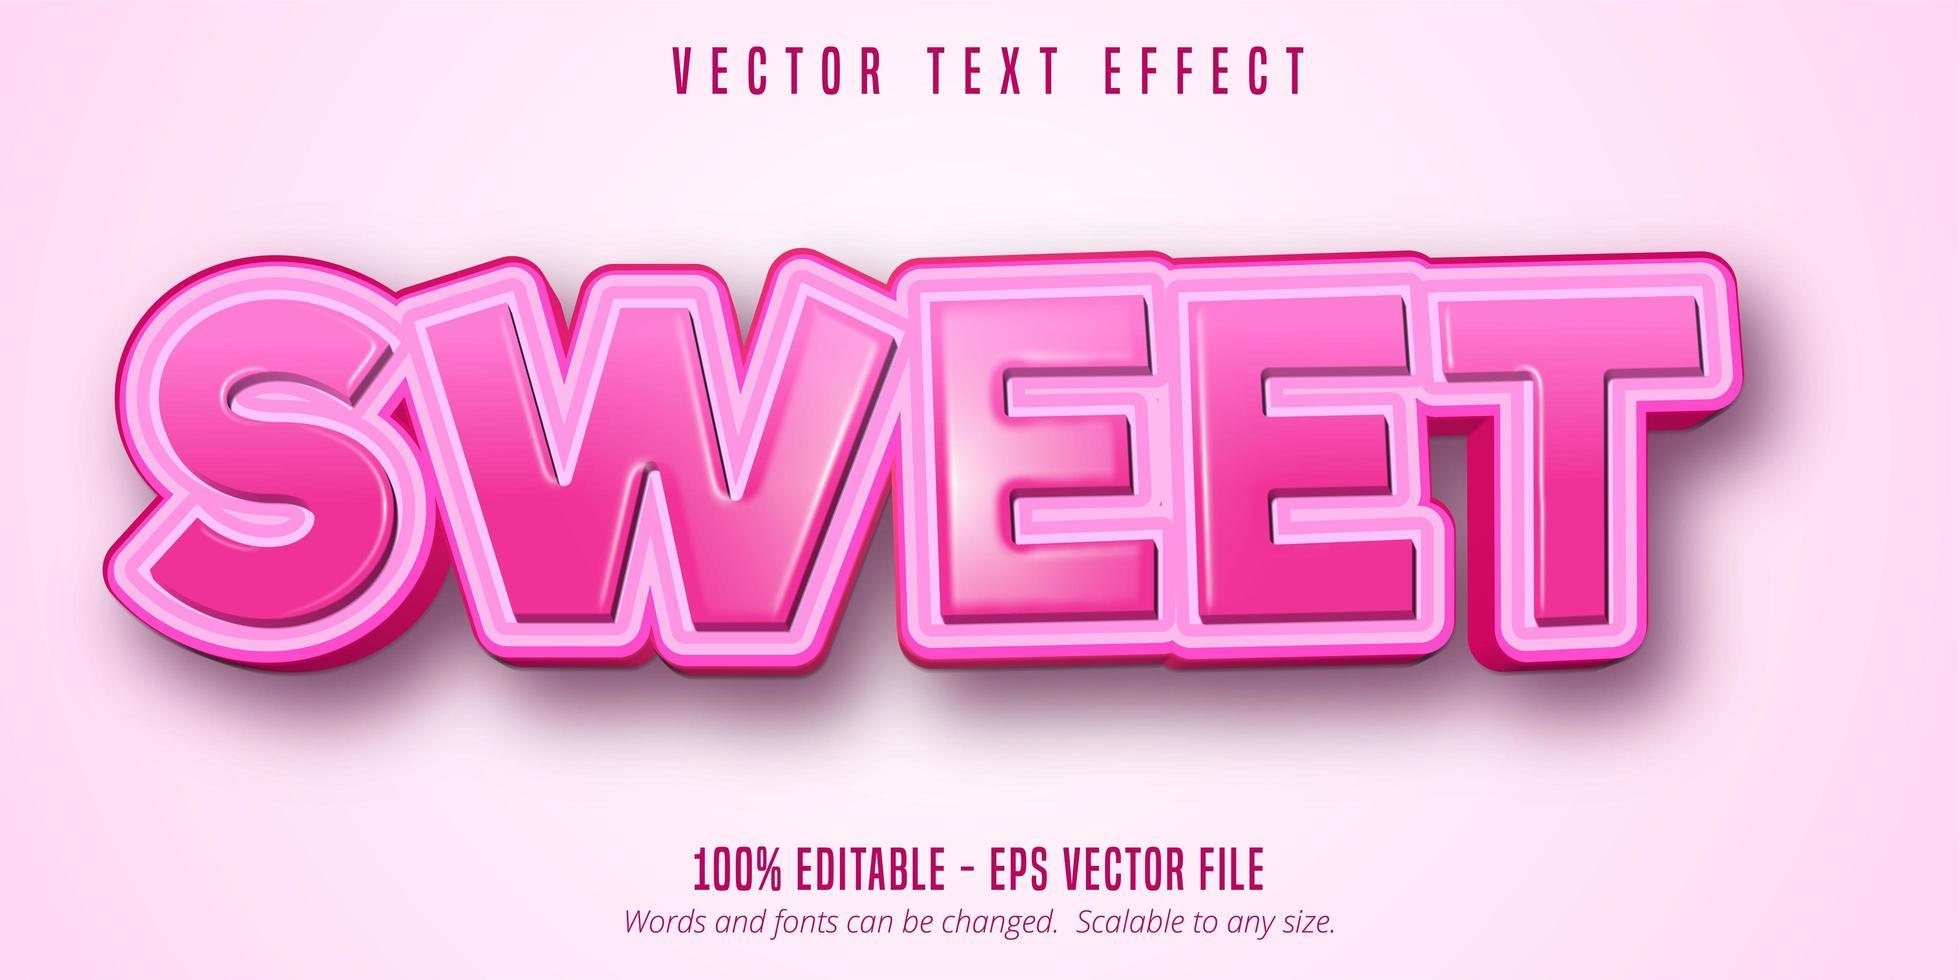 zoet roze cartoonstijl bewerkbaar teksteffect vector